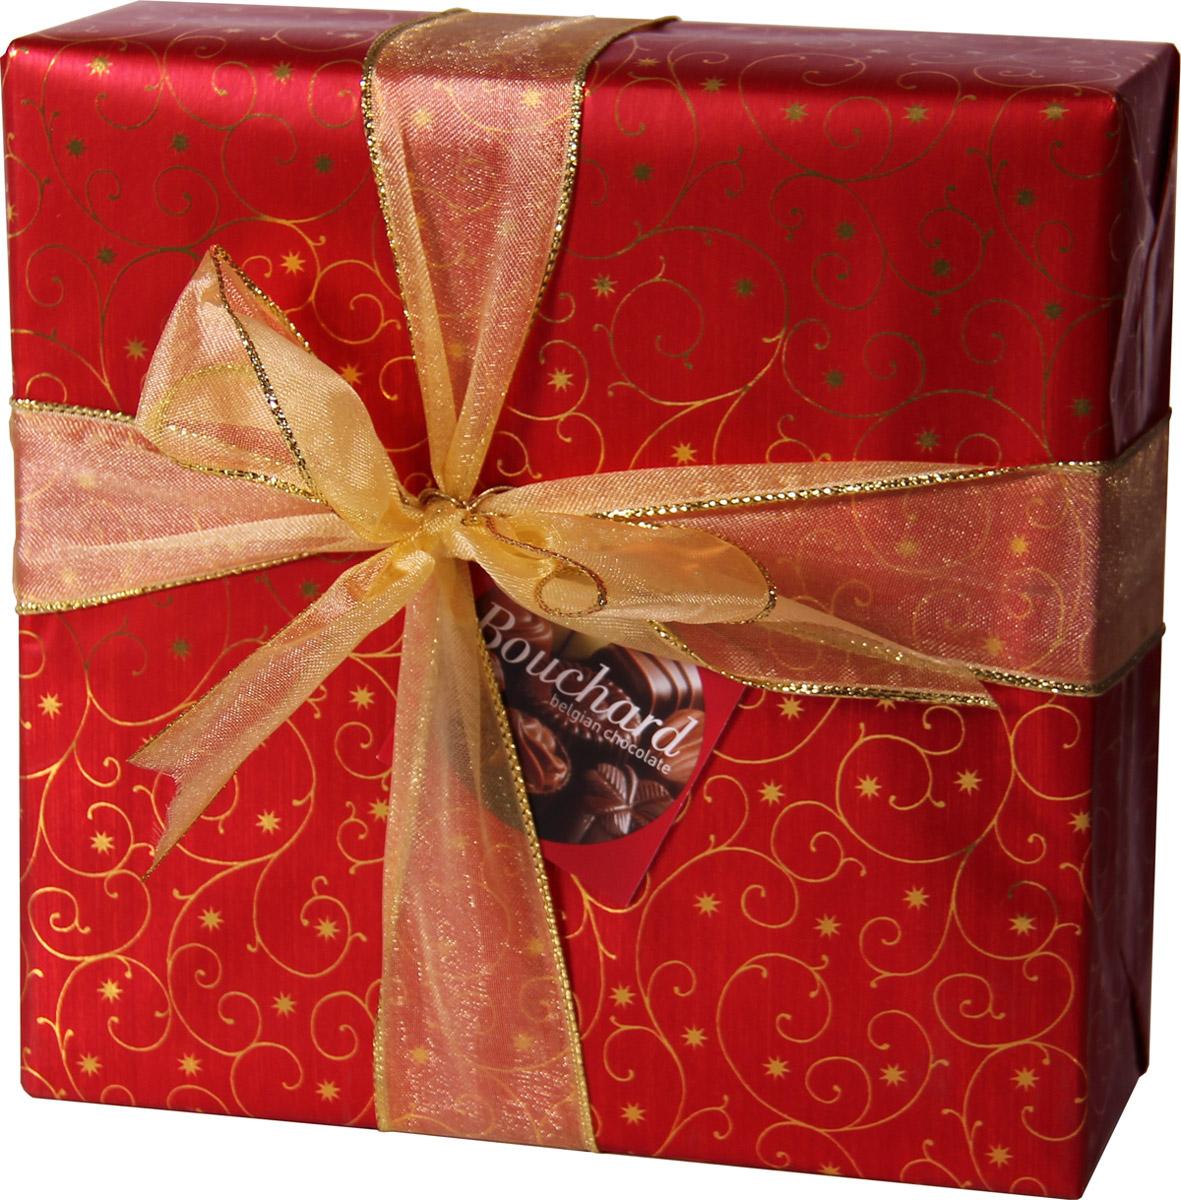 Bouchard Ассорти Премиум Бельгийская Шоколадная коллекция, 370 г50579991Восхитительные бельгийские шоколадные конфеты BOUCHARD L'ESCAUT Ассорти Премиум произведут впечатление на самого разборчивого знатока шоколада. Конфеты Bouchard наполнены нежнейшим кремом с добавлением миндаля и фундука. Покрыты изысканным бельгийским шоколадом. Отличаются ароматом ванили и насыщенным вкусом с притягательной терпкостью. Бельгийцы - непревзойденные мастера в приготовлении шоколада - считают это лакомство лучшим подарком. Нежный, буквально тающий во рту, он доставит удовольствие всем любителям сладкого.